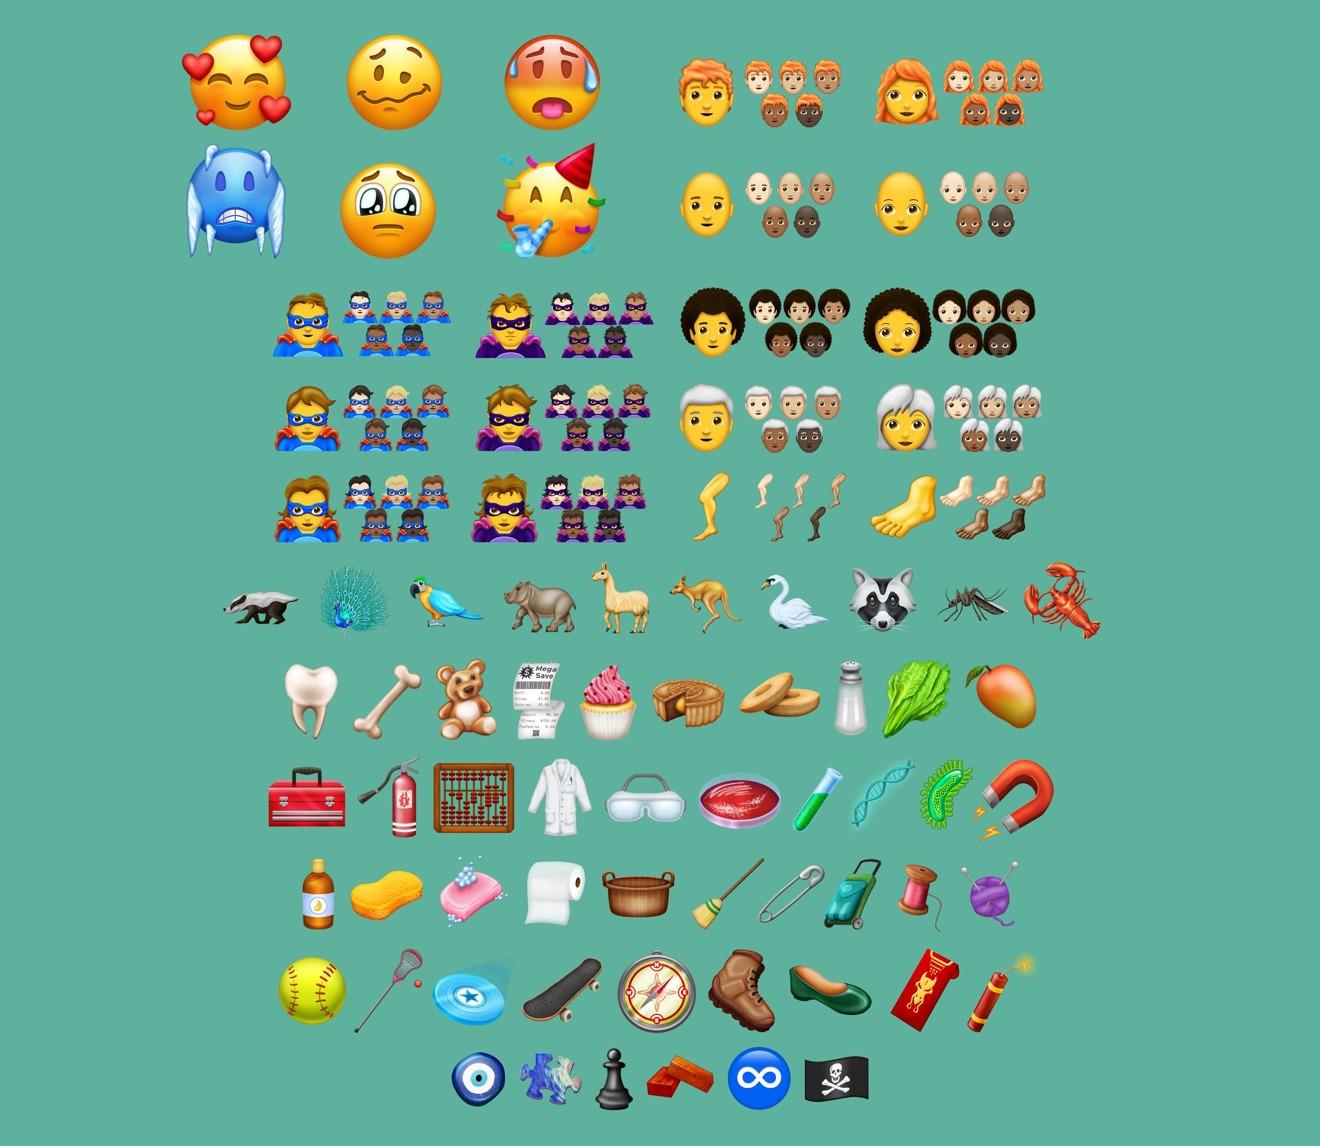 Source: Emojipedia